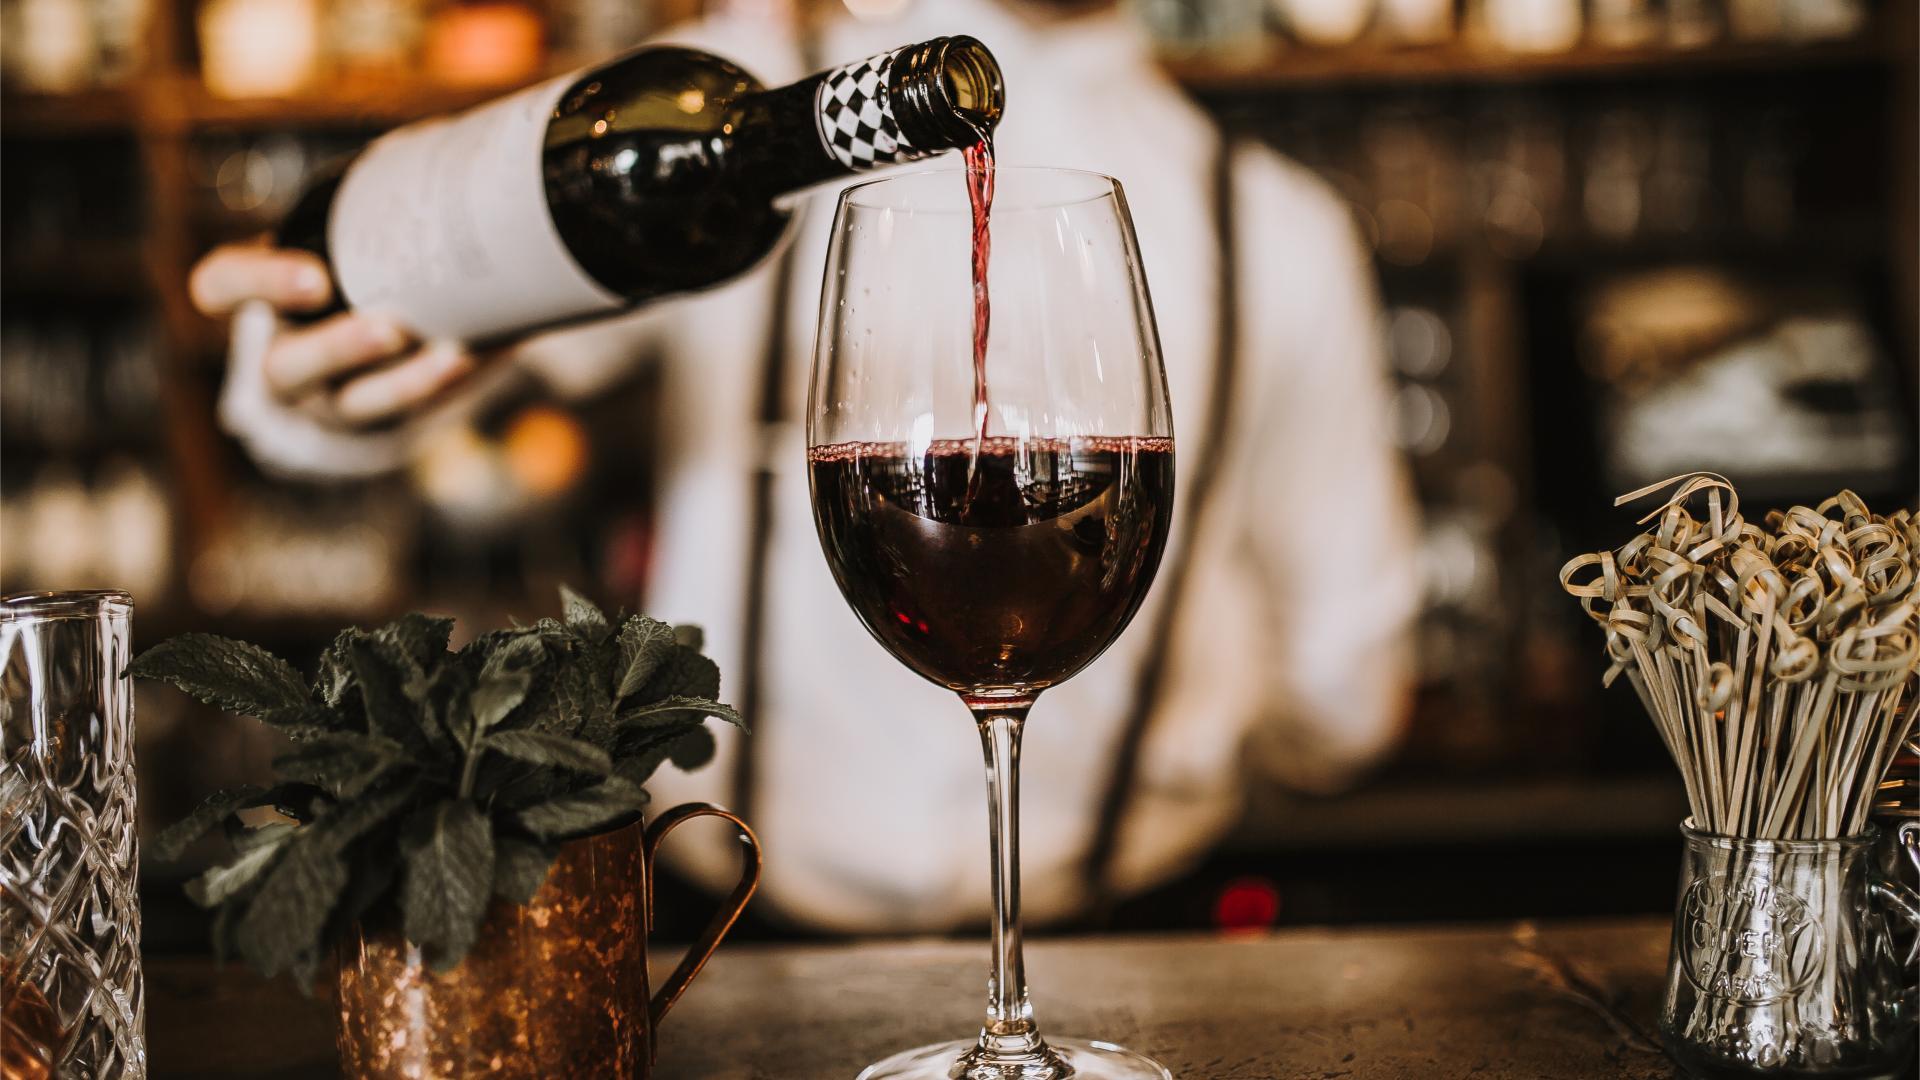 Alkohol: Das Gehirn schrumpft